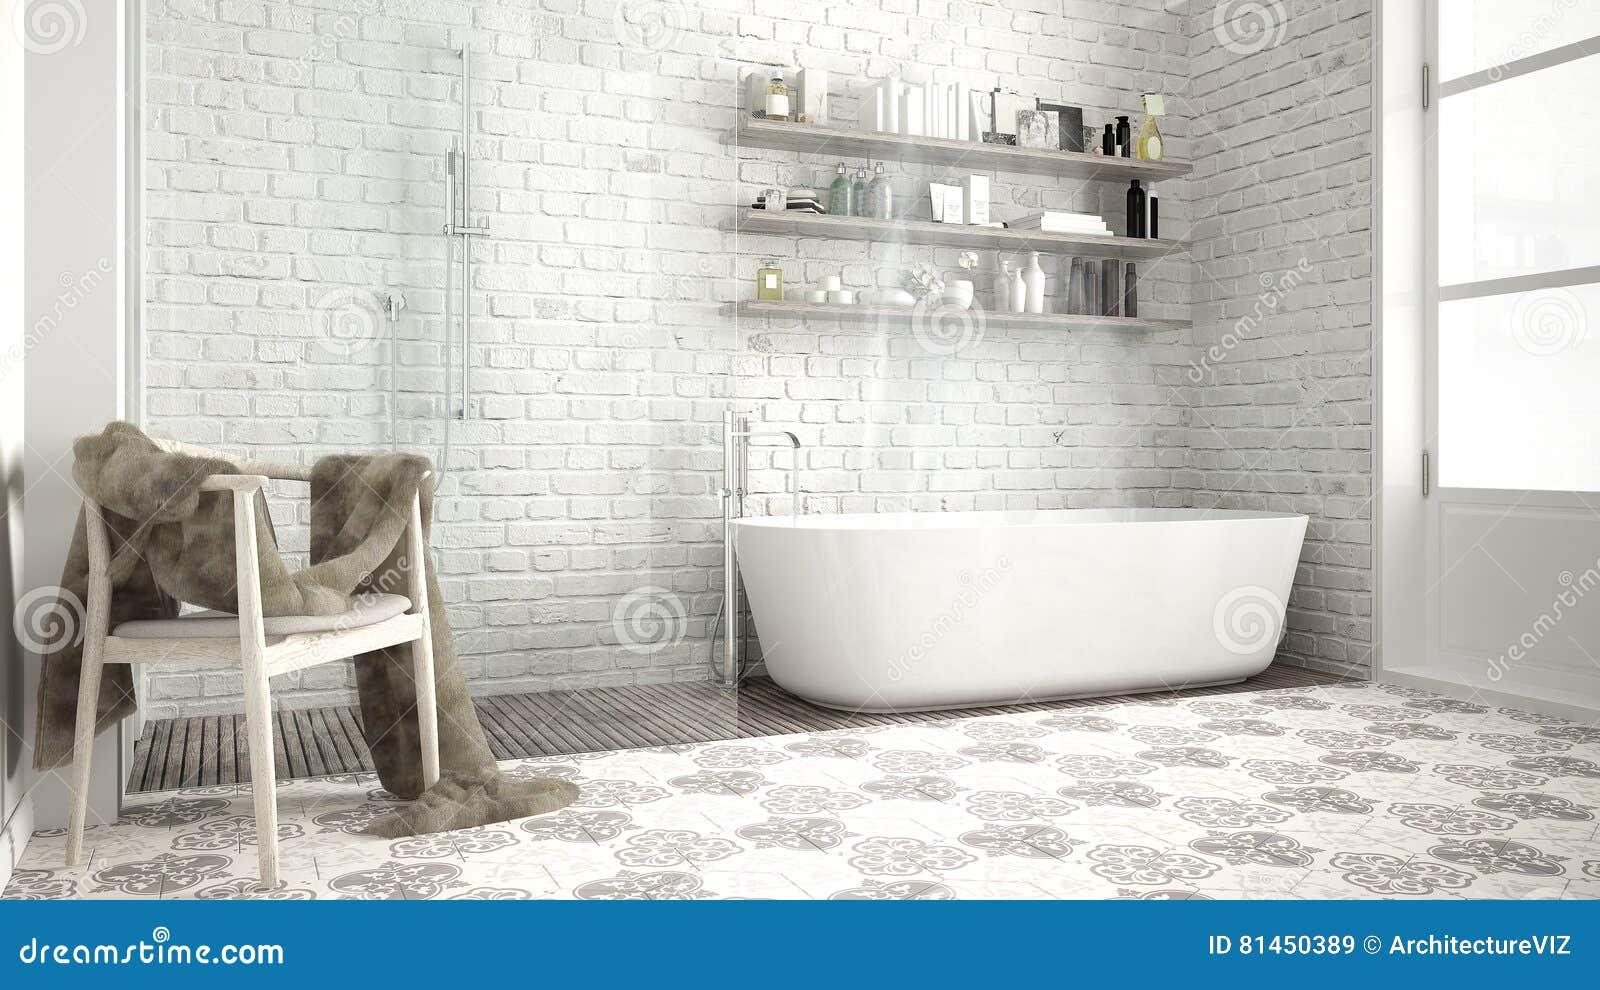 Bagno Design Scandinavo : Bagno scandinavo progettazione dannata bianca classica immagine